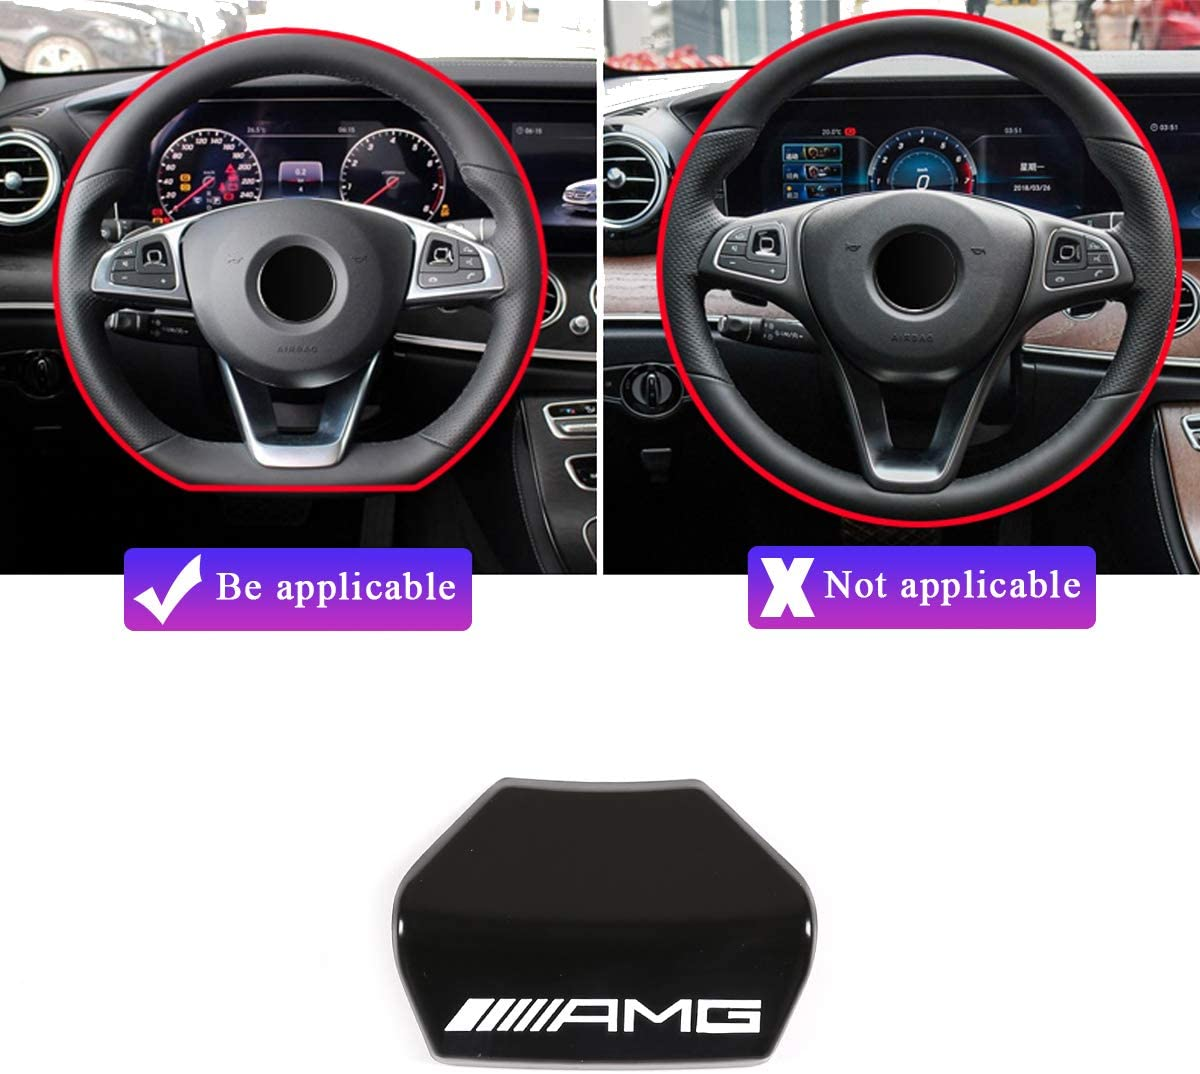 volante sportivo quadrato Adesivo per volante in lega di zinco AMG con logo AMG per Classe A B C E GLA CLA GLC GLE GLS W213 W205 x253 LLKUANG